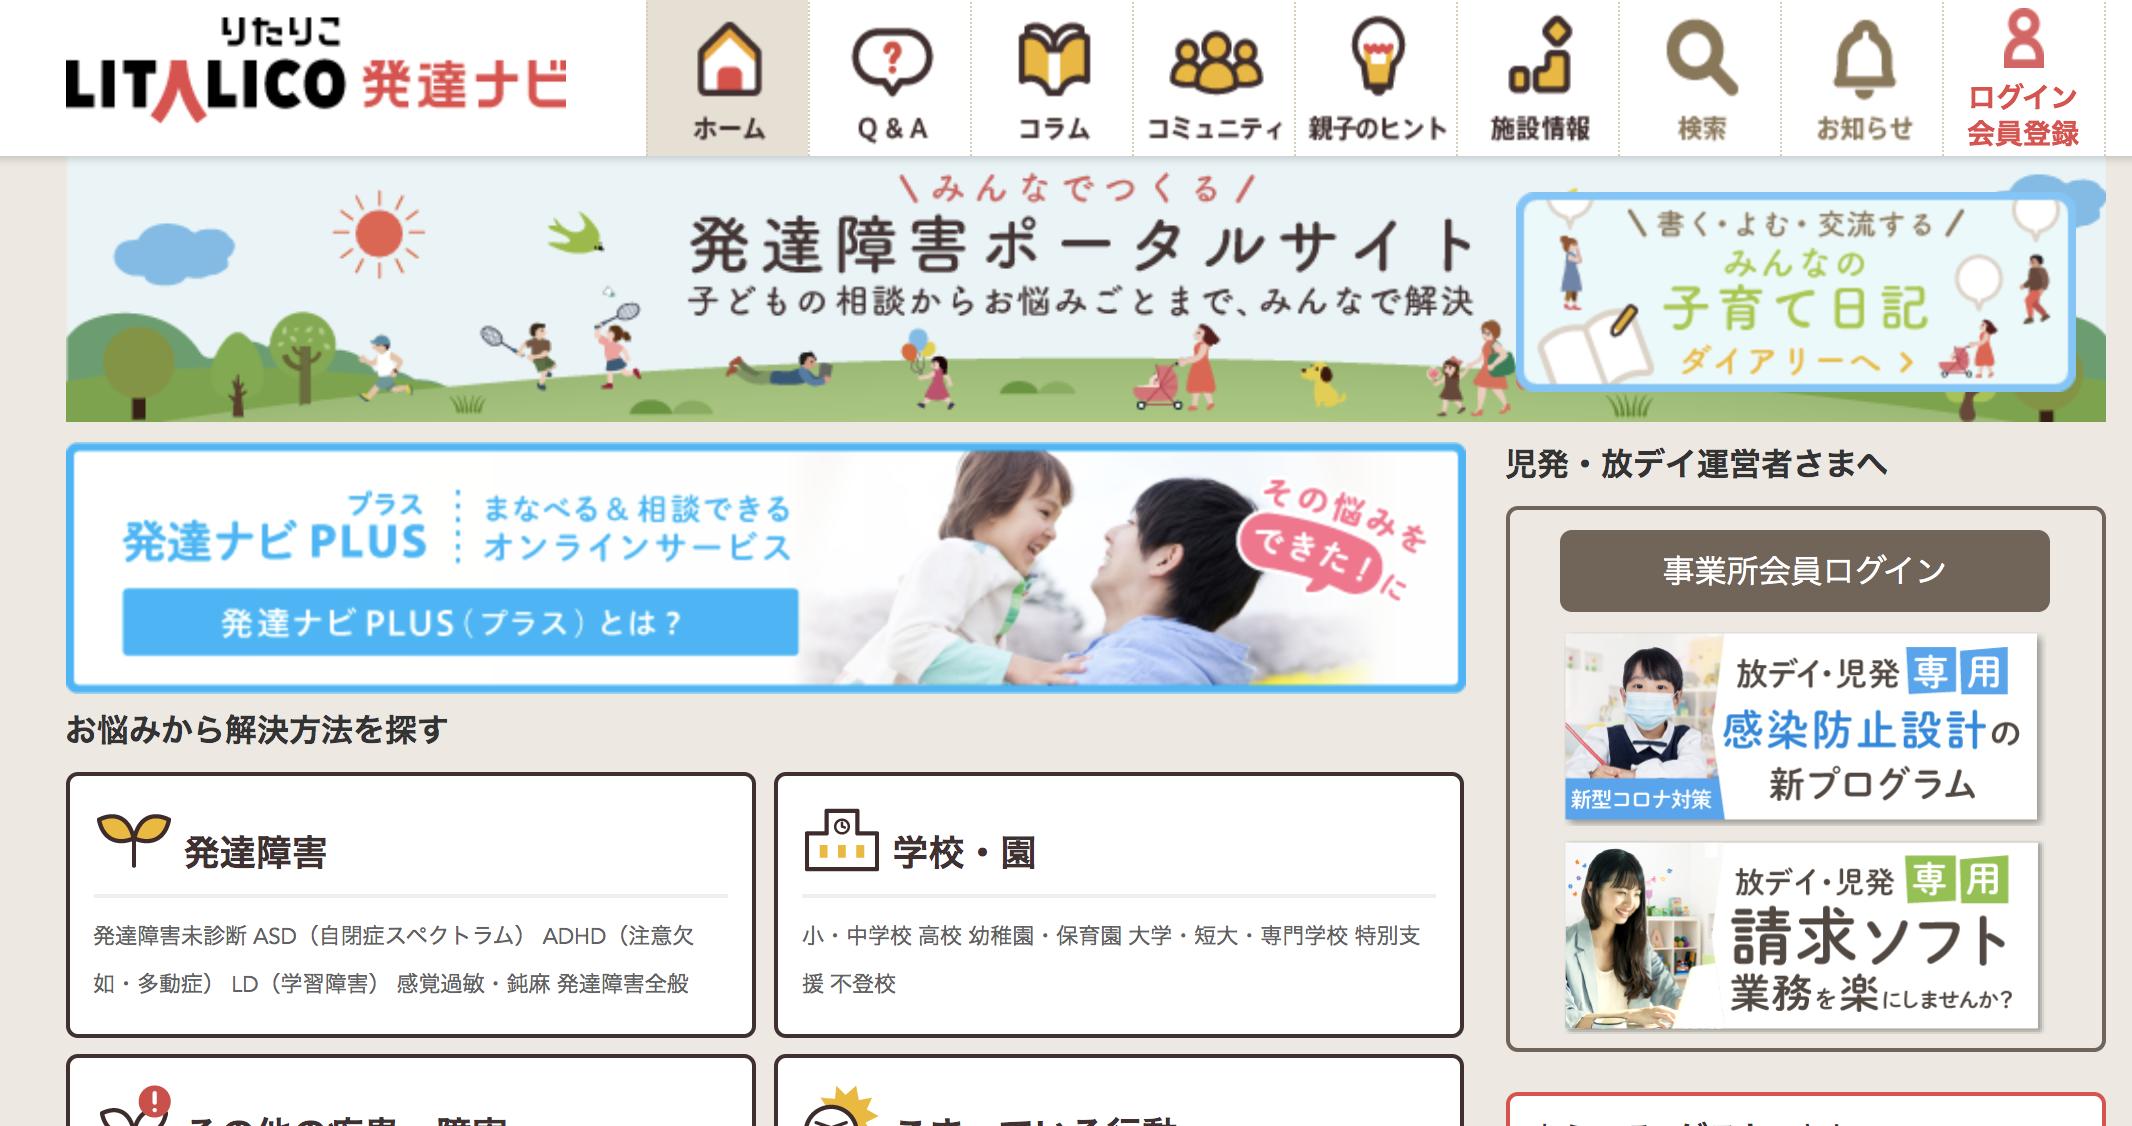 LITALICO発達ナビ___発達障害ポータルサイト.png